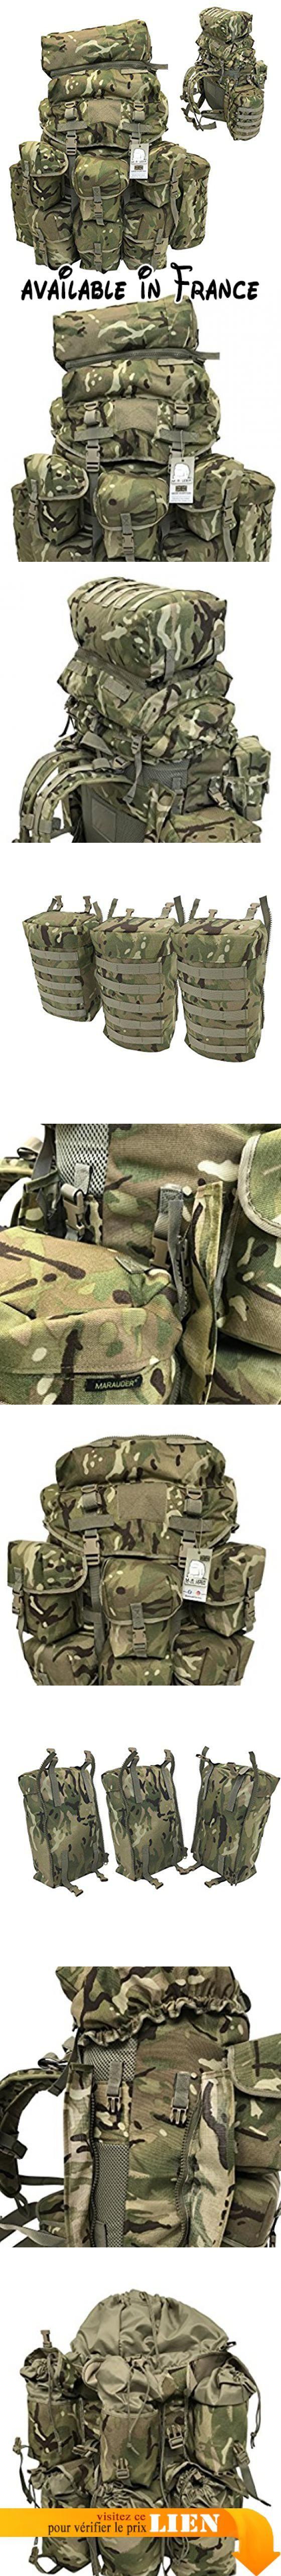 Épinglé sur Sacs et sacs à dos (france)